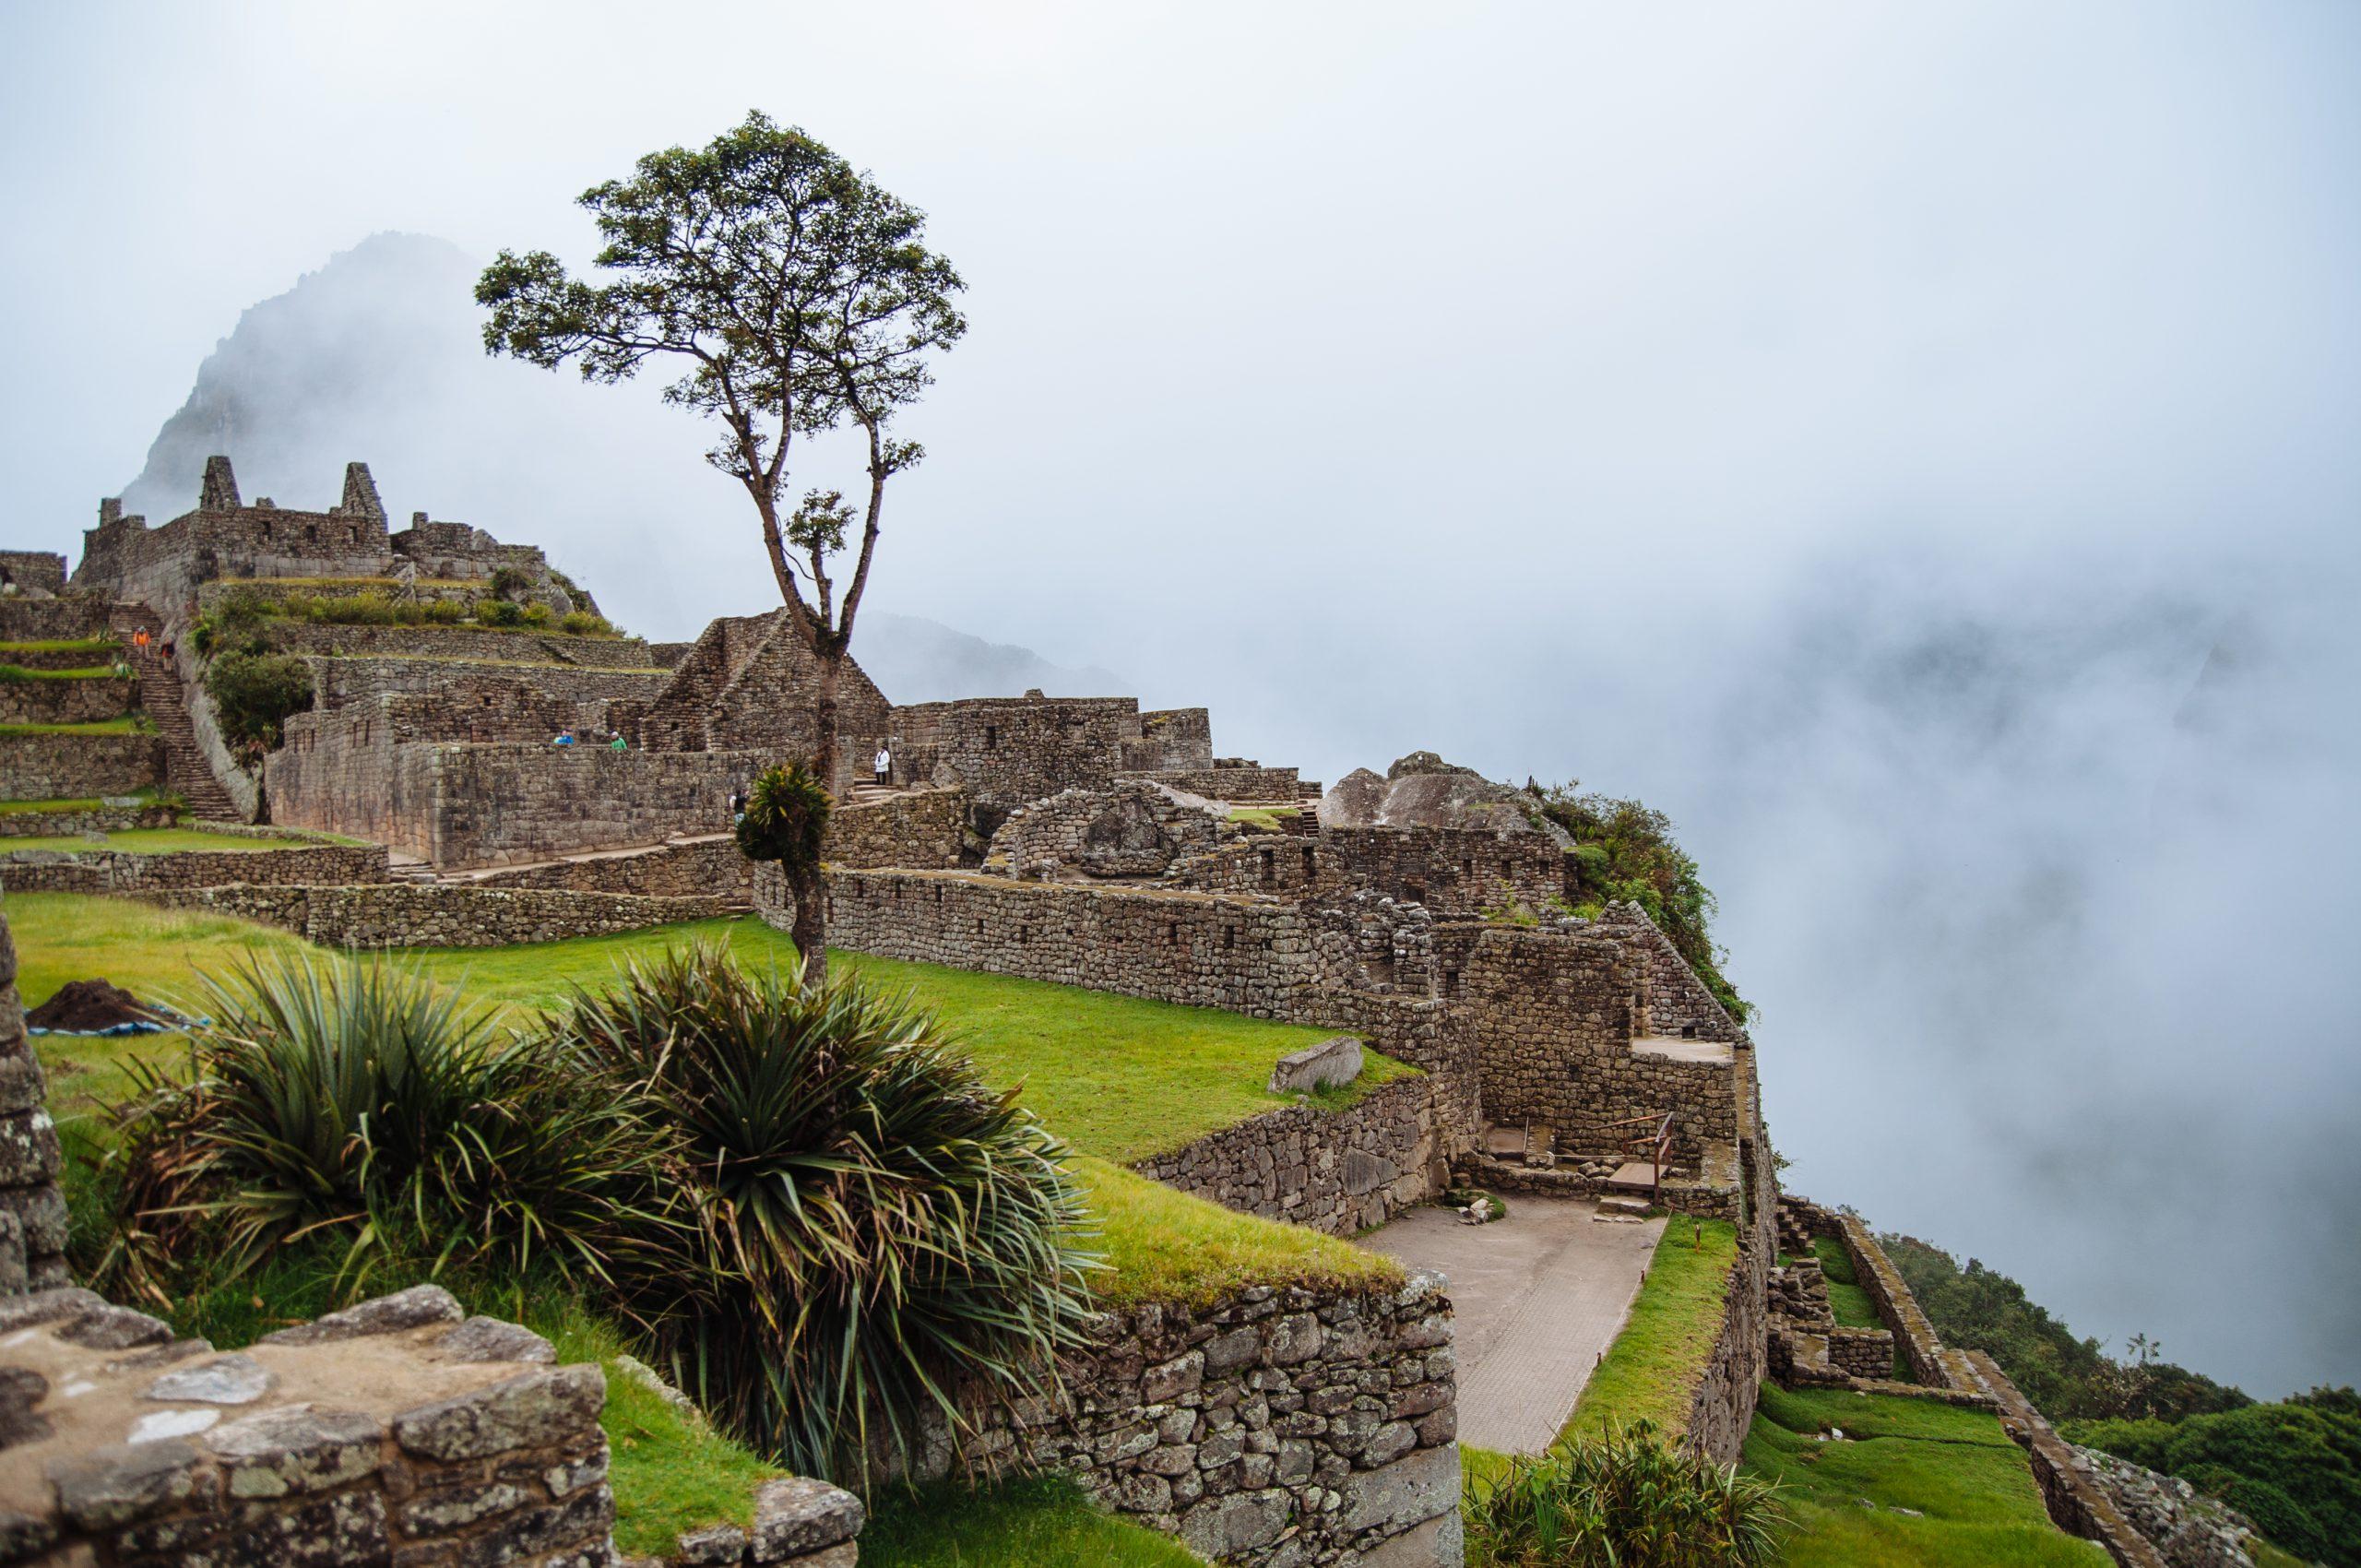 The start of The Machu Picchu Complex